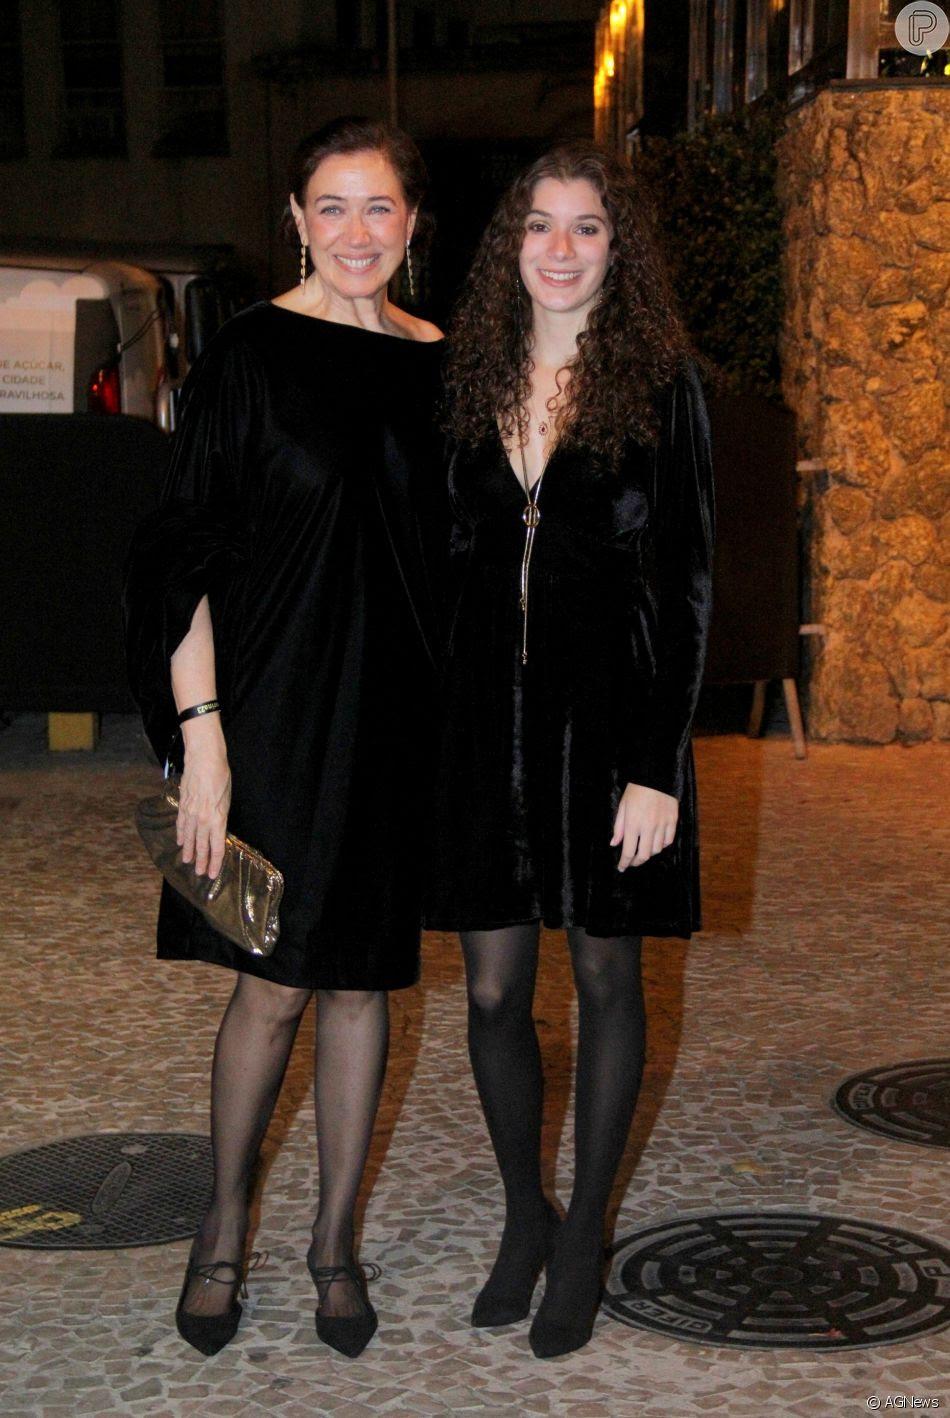 Lilia Cabral e a filha Giulia Figueiredo estiveram no aniversário de Marina Ruy Barbosa